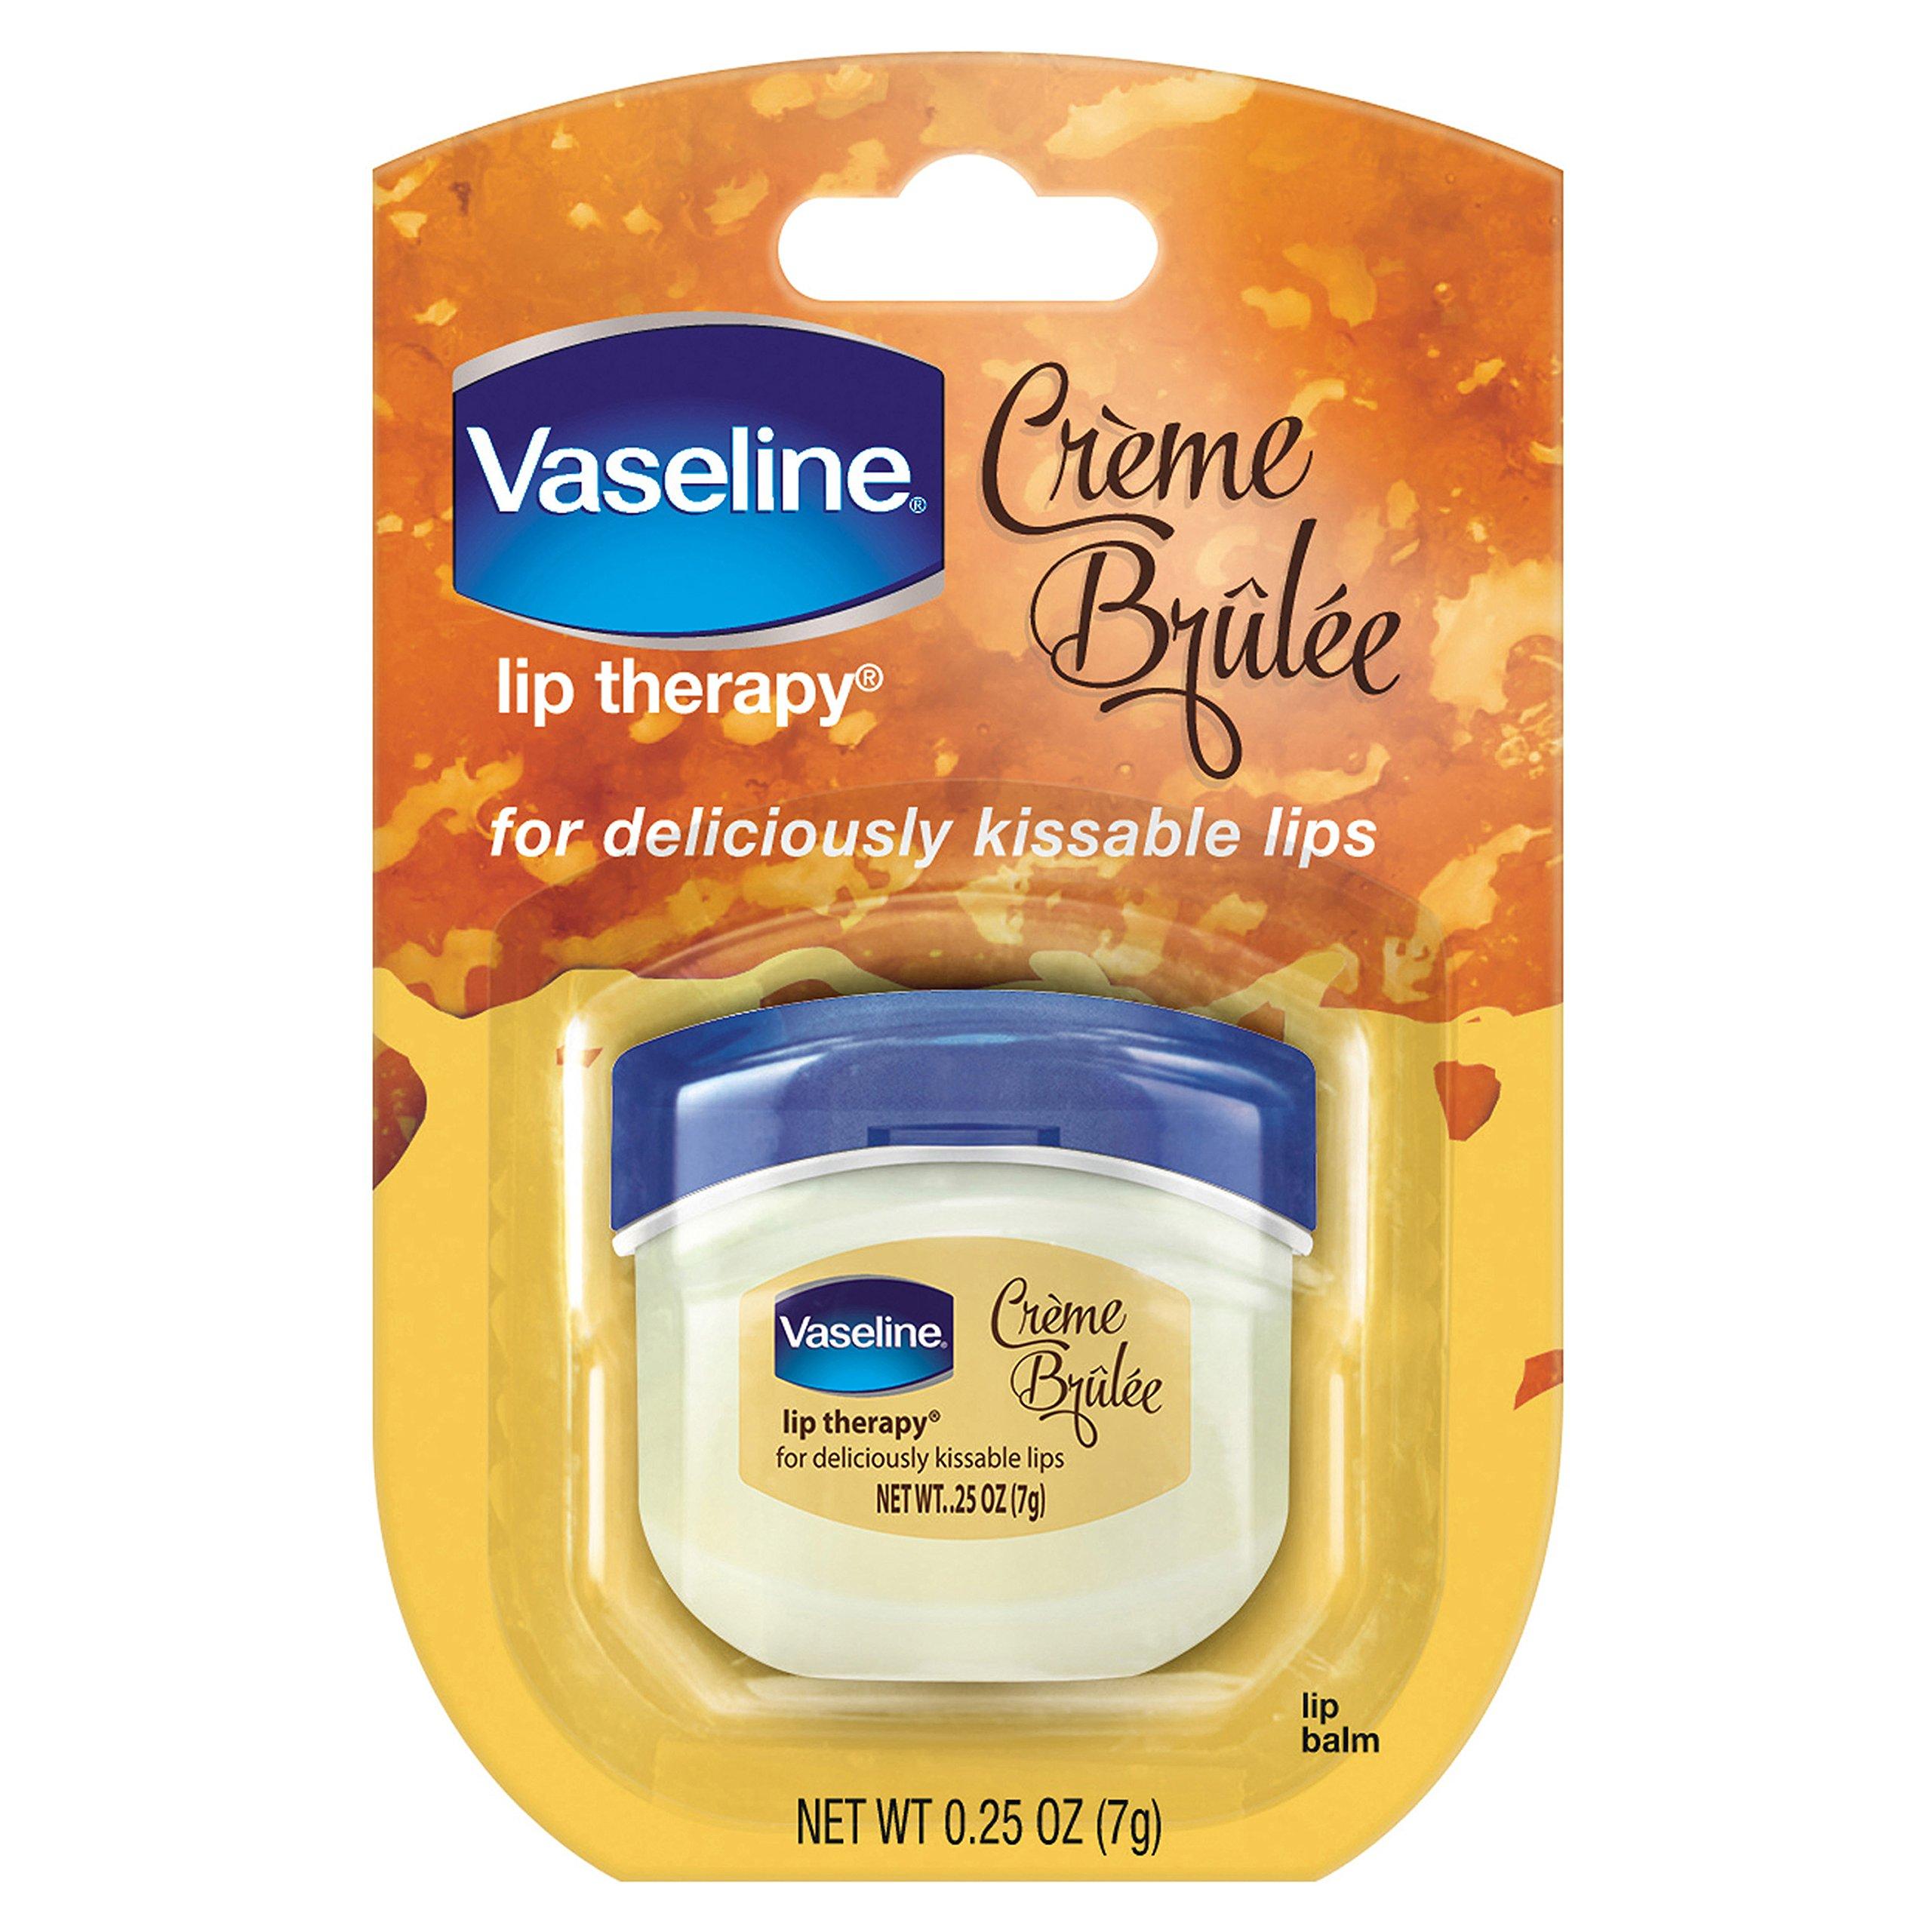 Vaseline Lip Balm, Creme Brulee, 0.25 oz